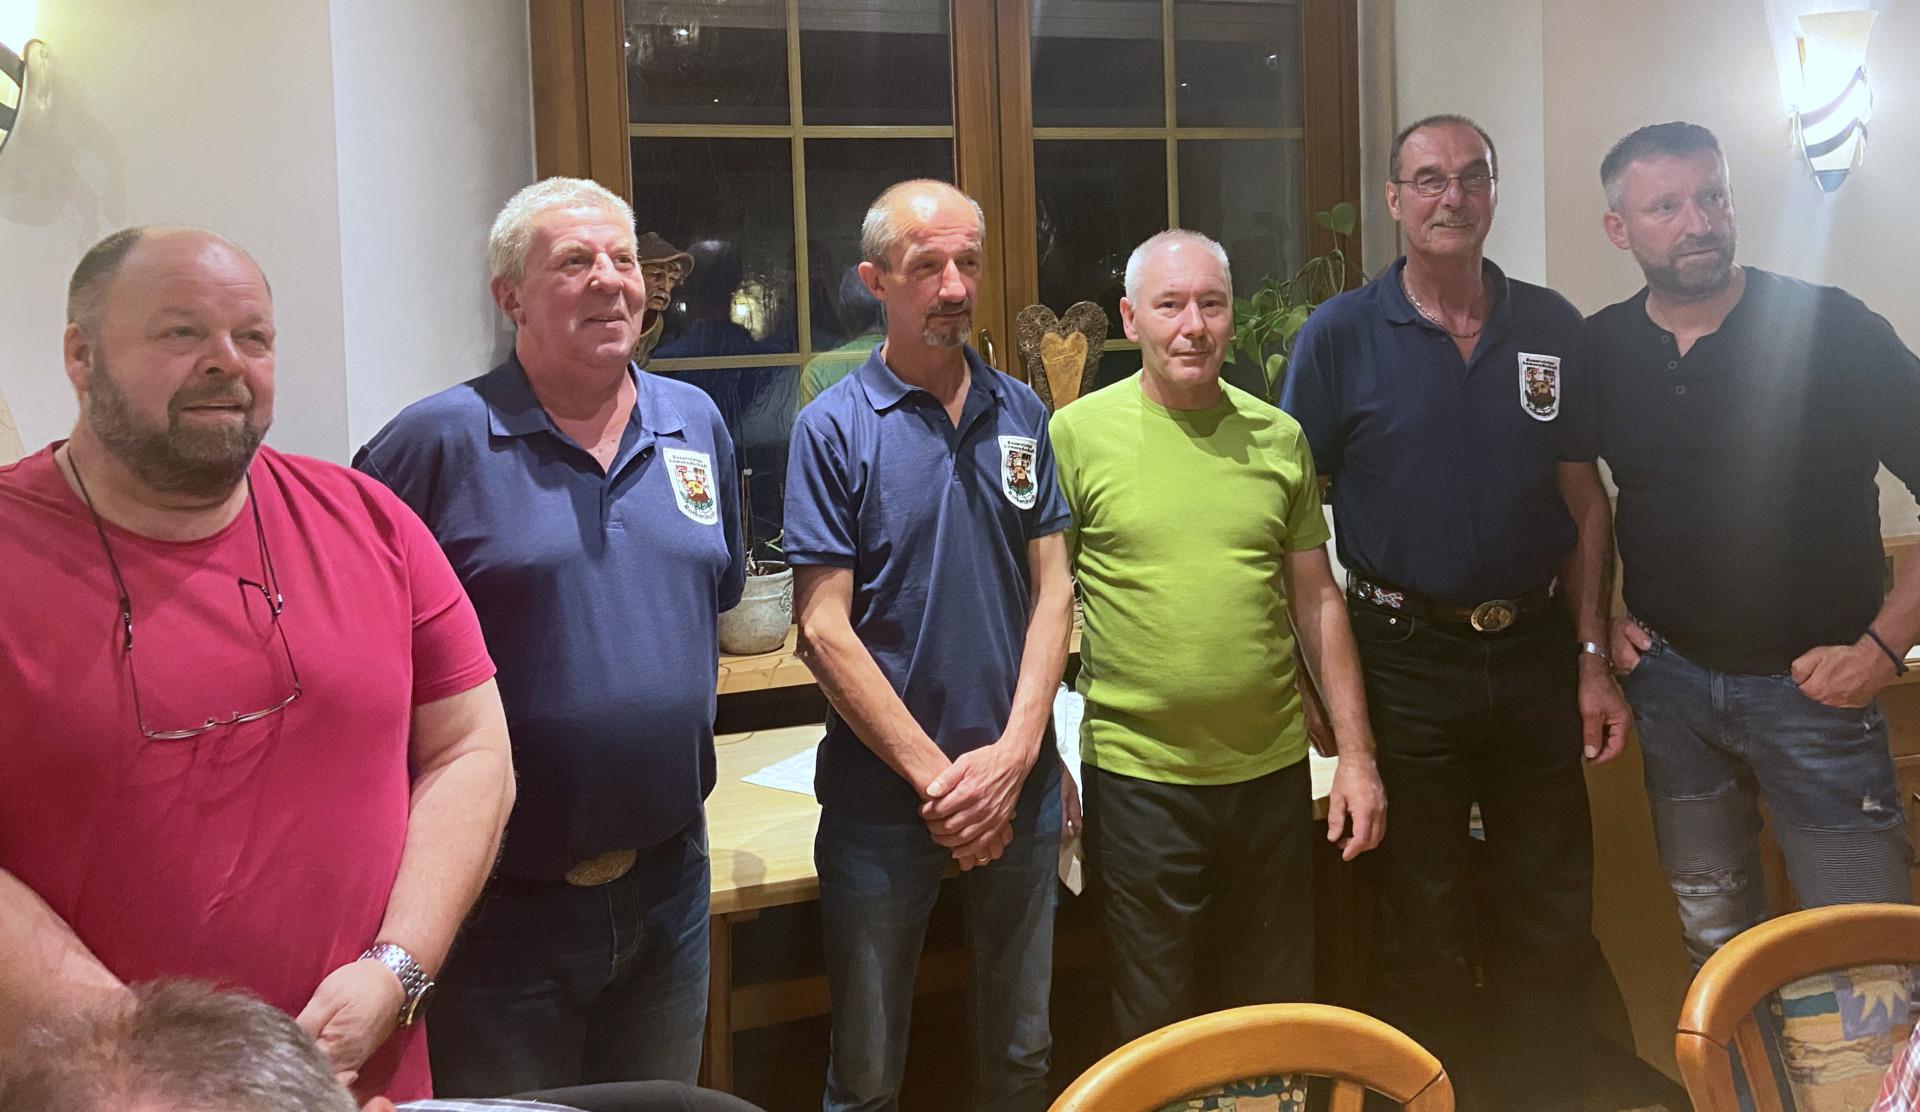 Die Treuenadel erhielten von links nach rechts: Kurt Geis, Wolfgang Rüb, Roland Wünsch, Axel Roth, Günter Schäfer mit Vorsitzenden Klaus Hopf